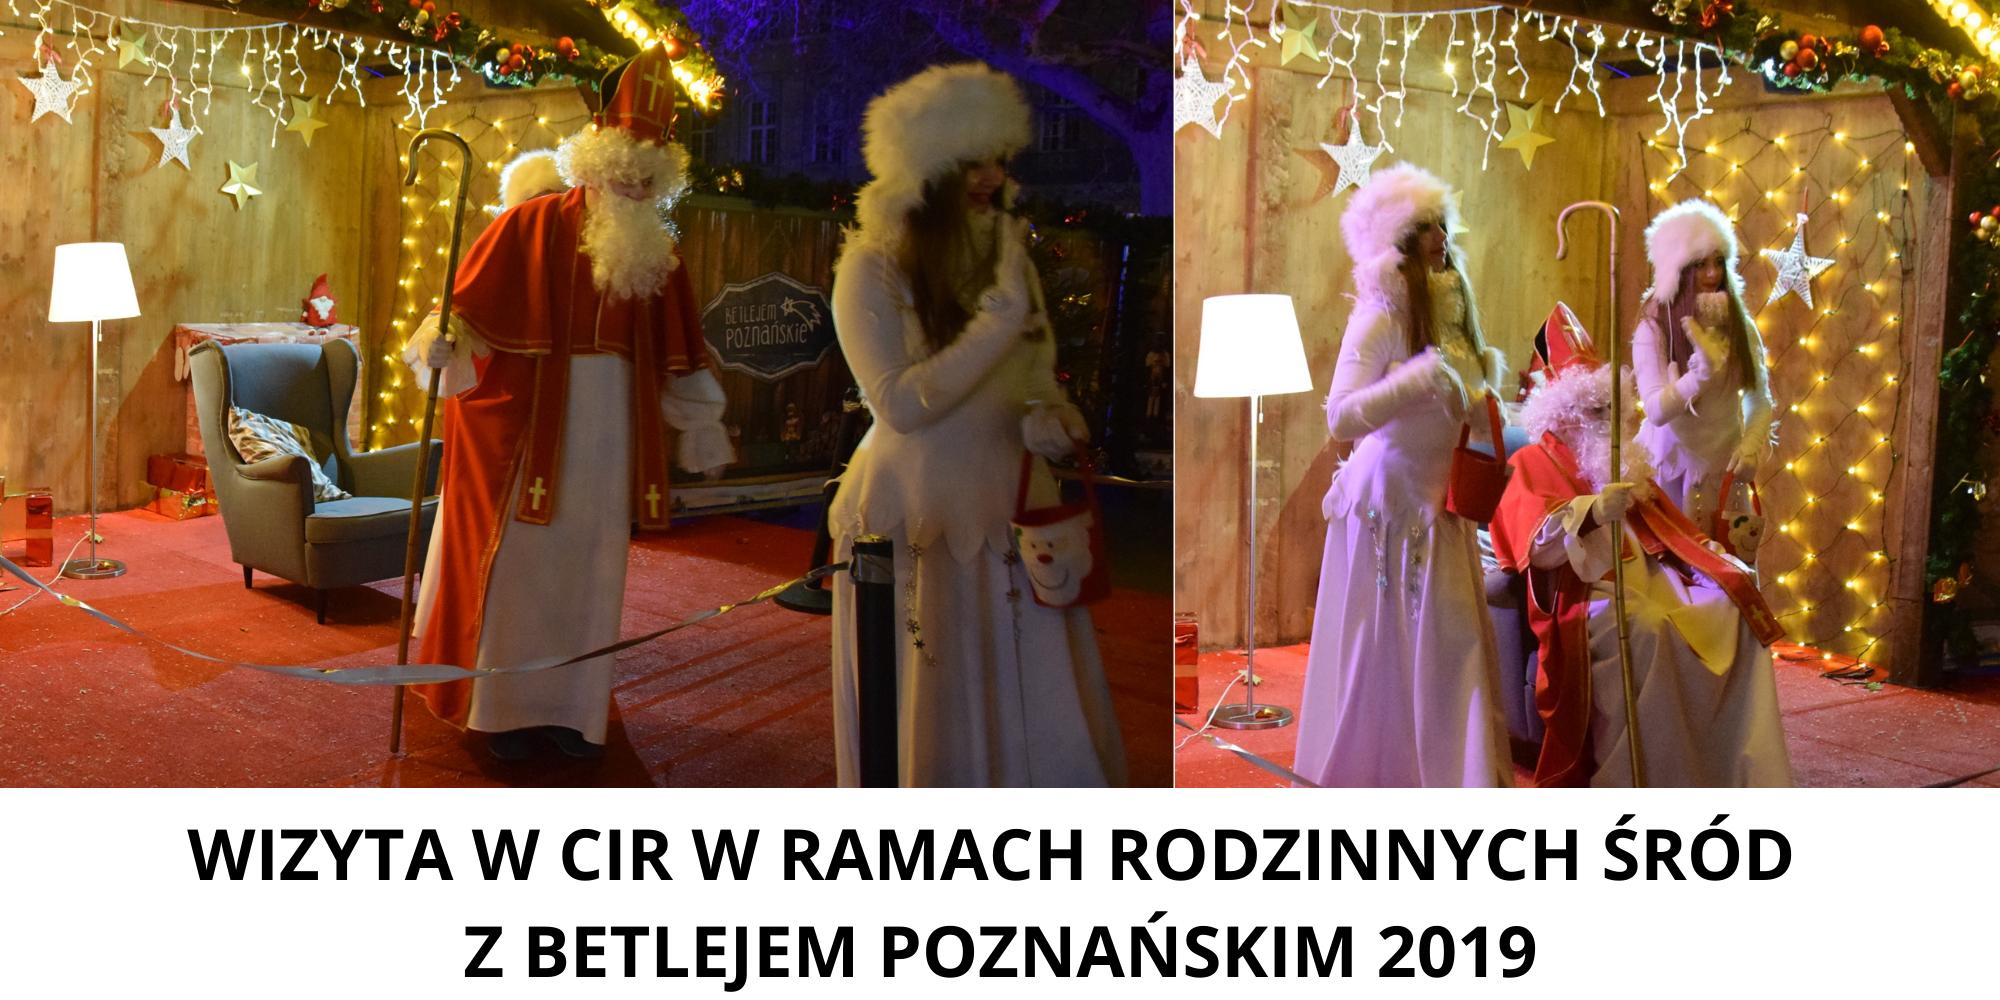 Zdjęcie przedstawia wydarzenie w ramach Betlejem Poznańskiego 2019